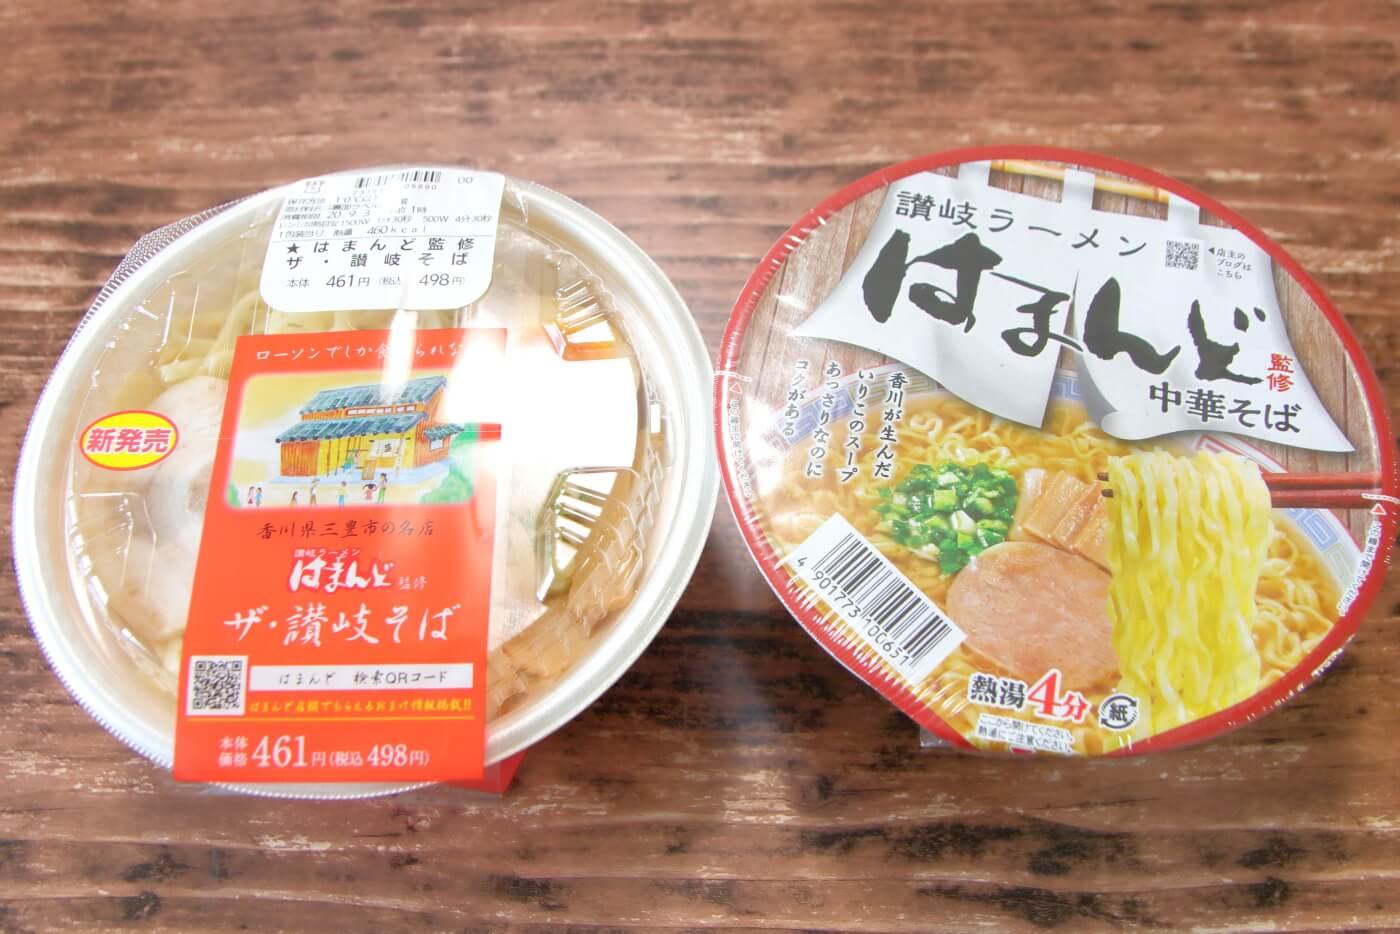 中四国のローソン限定で販売される讃岐ラーメンはまんどチルド麺とカップ麺